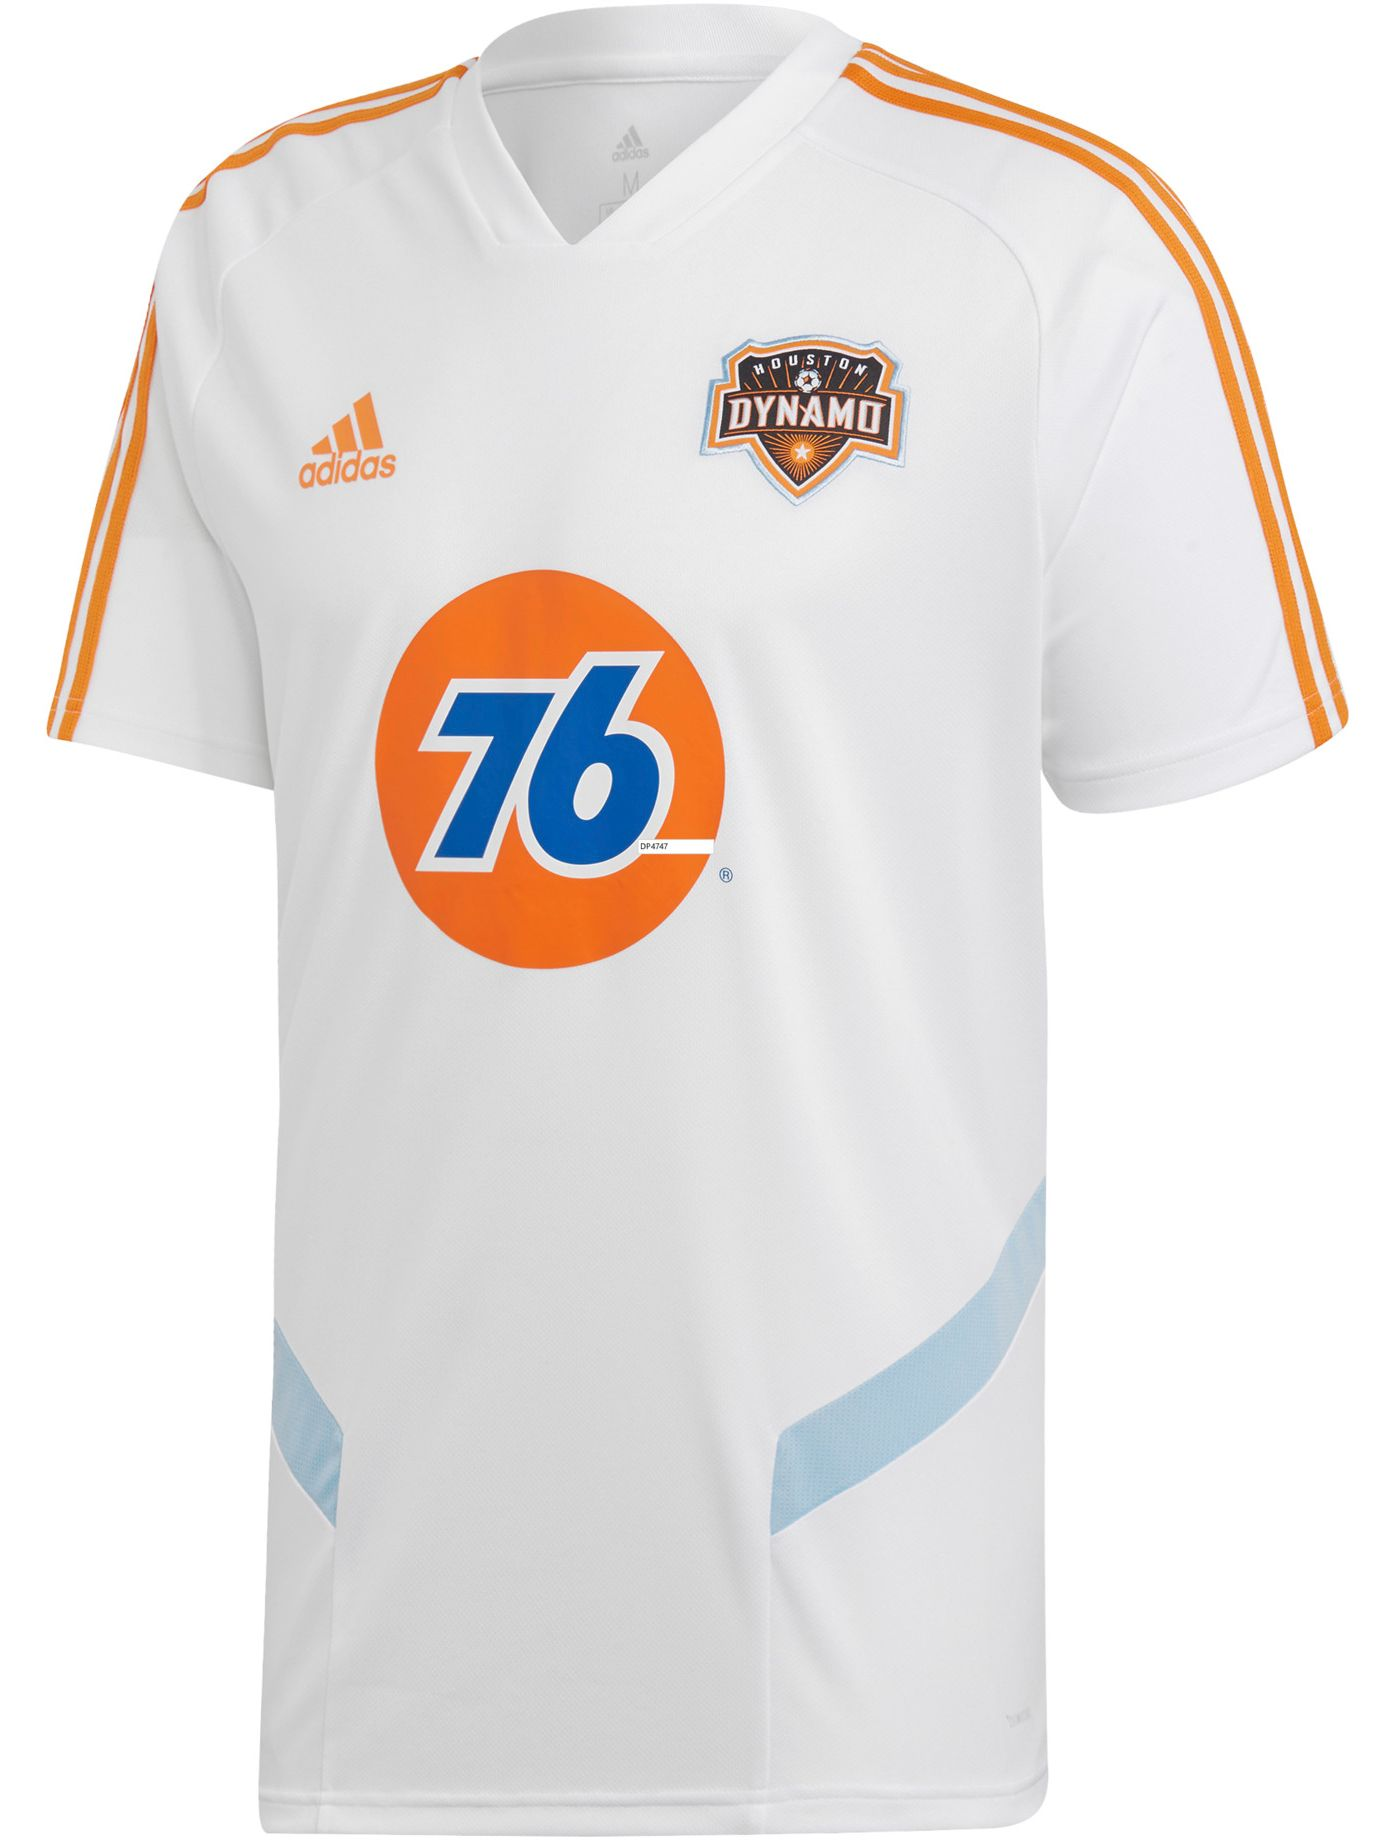 adidas Men's Houston Dynamo White Training Top